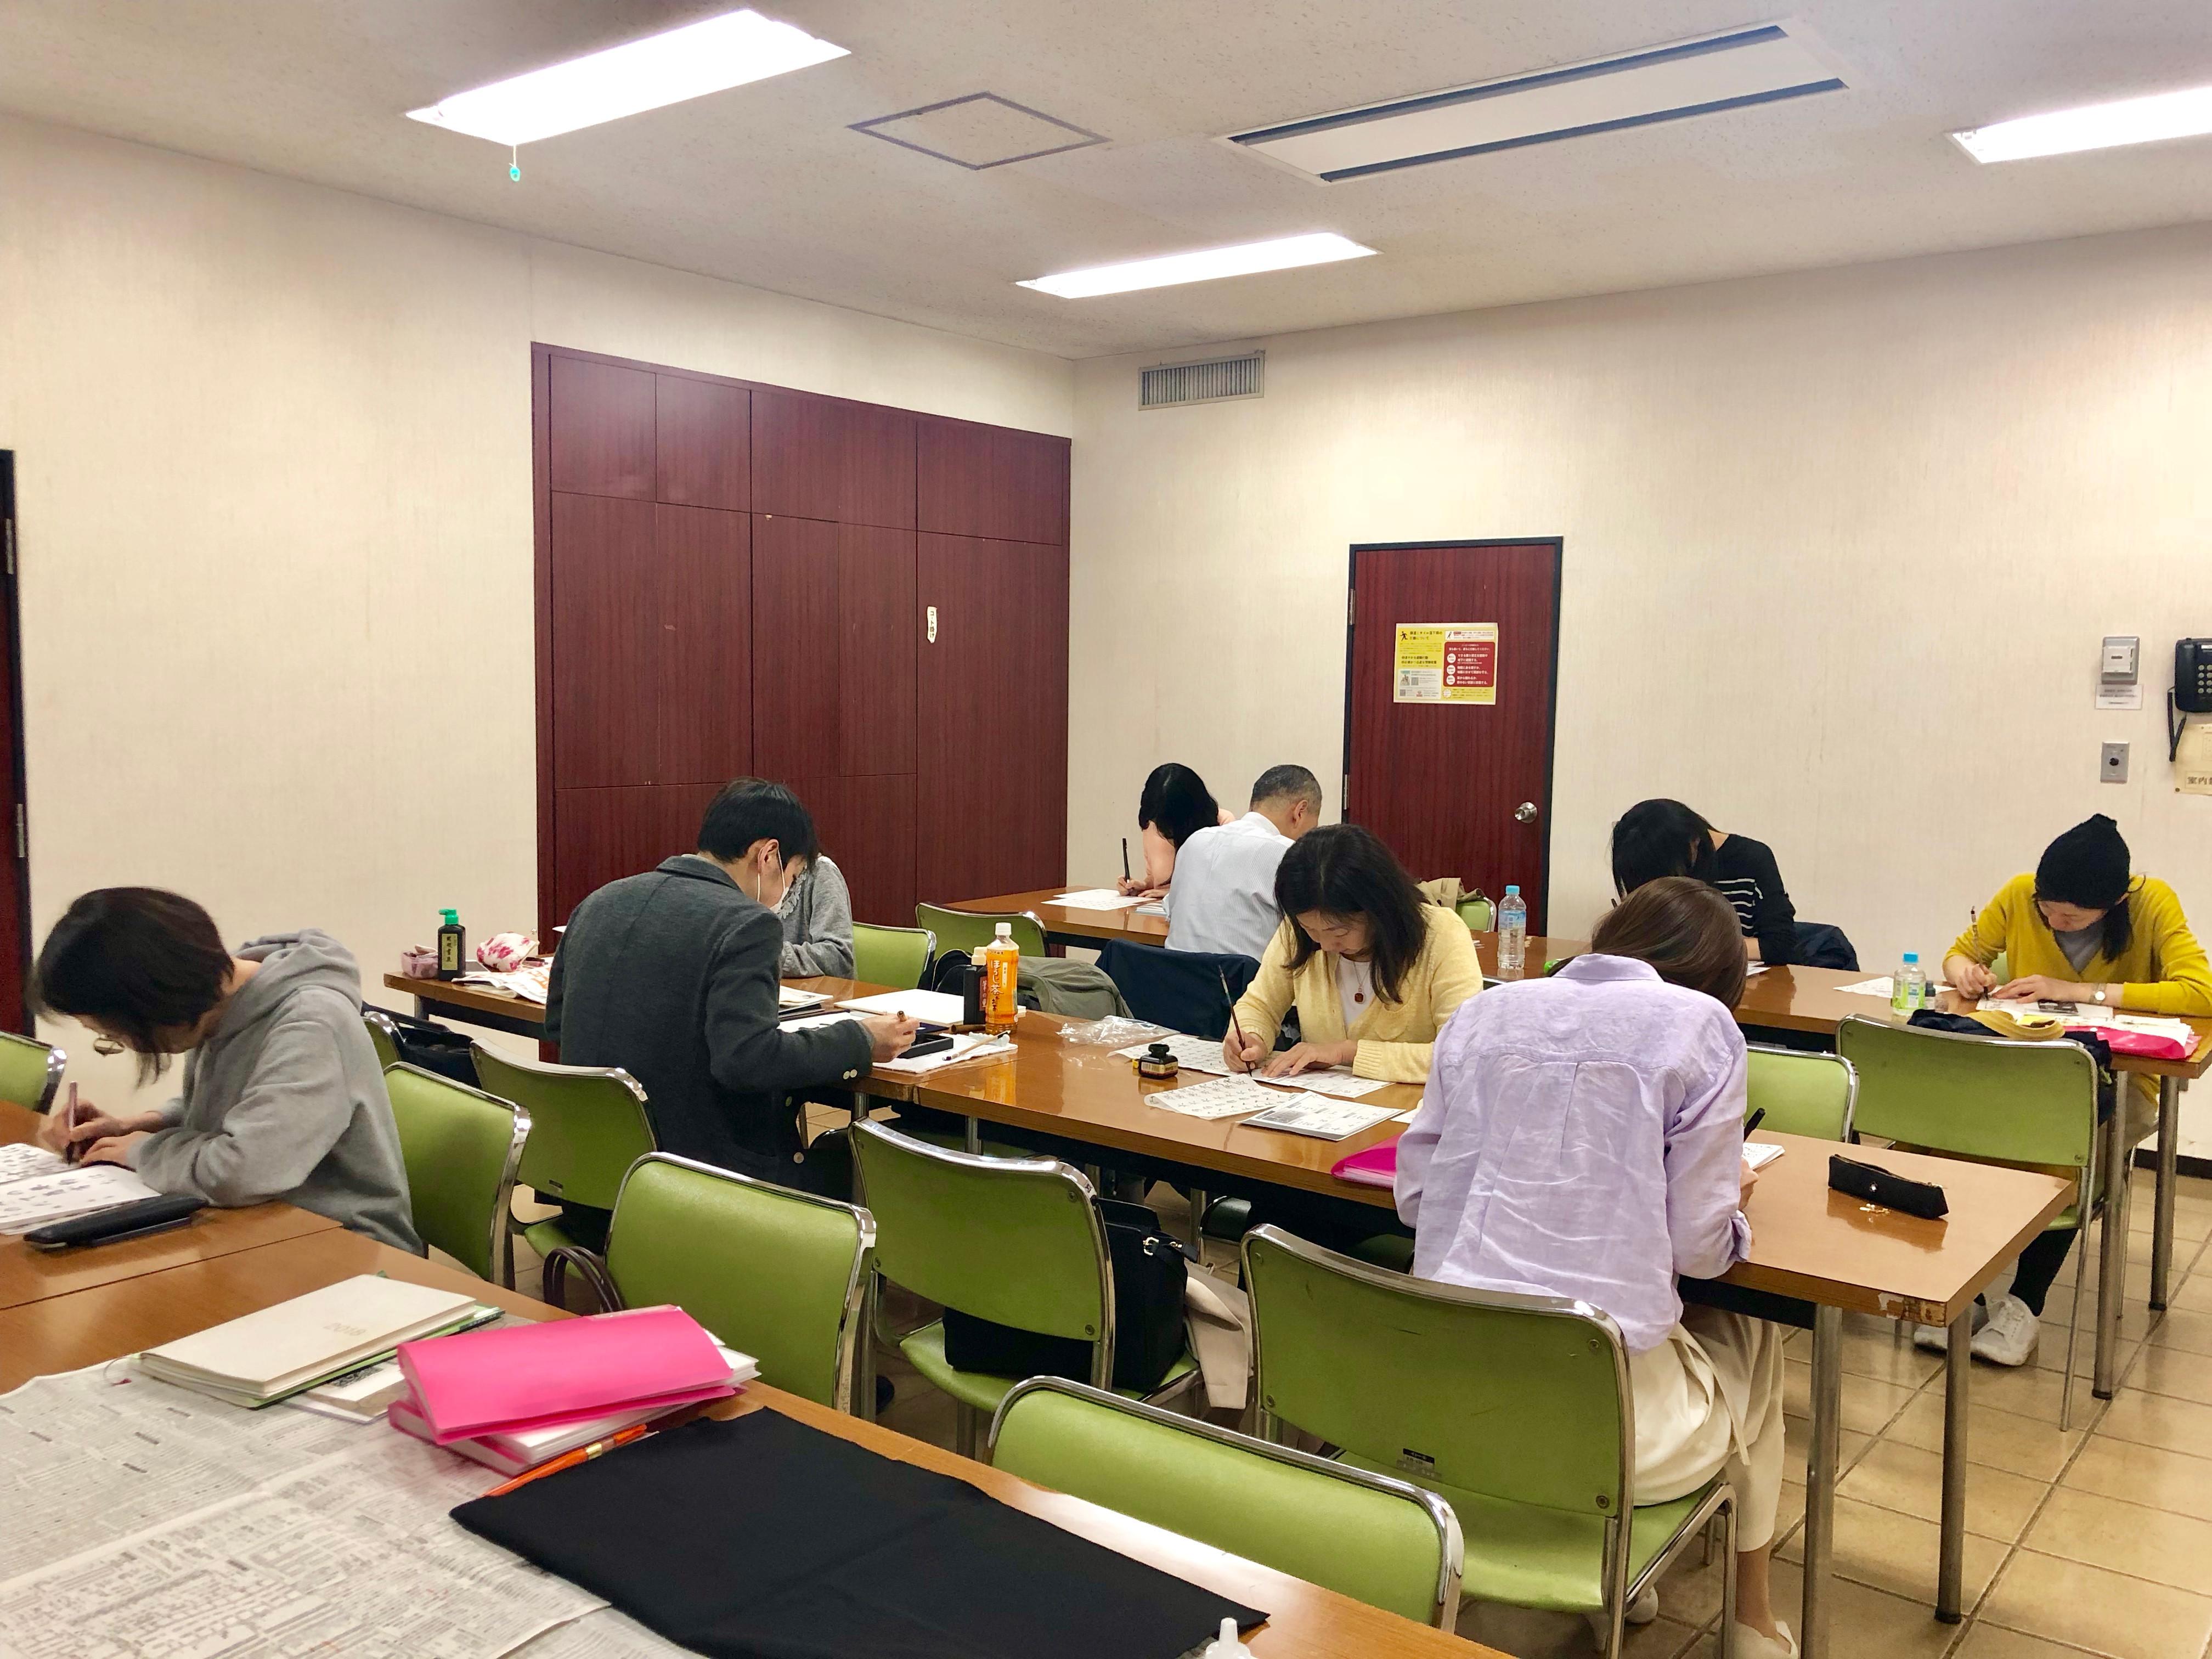 錦糸町教室